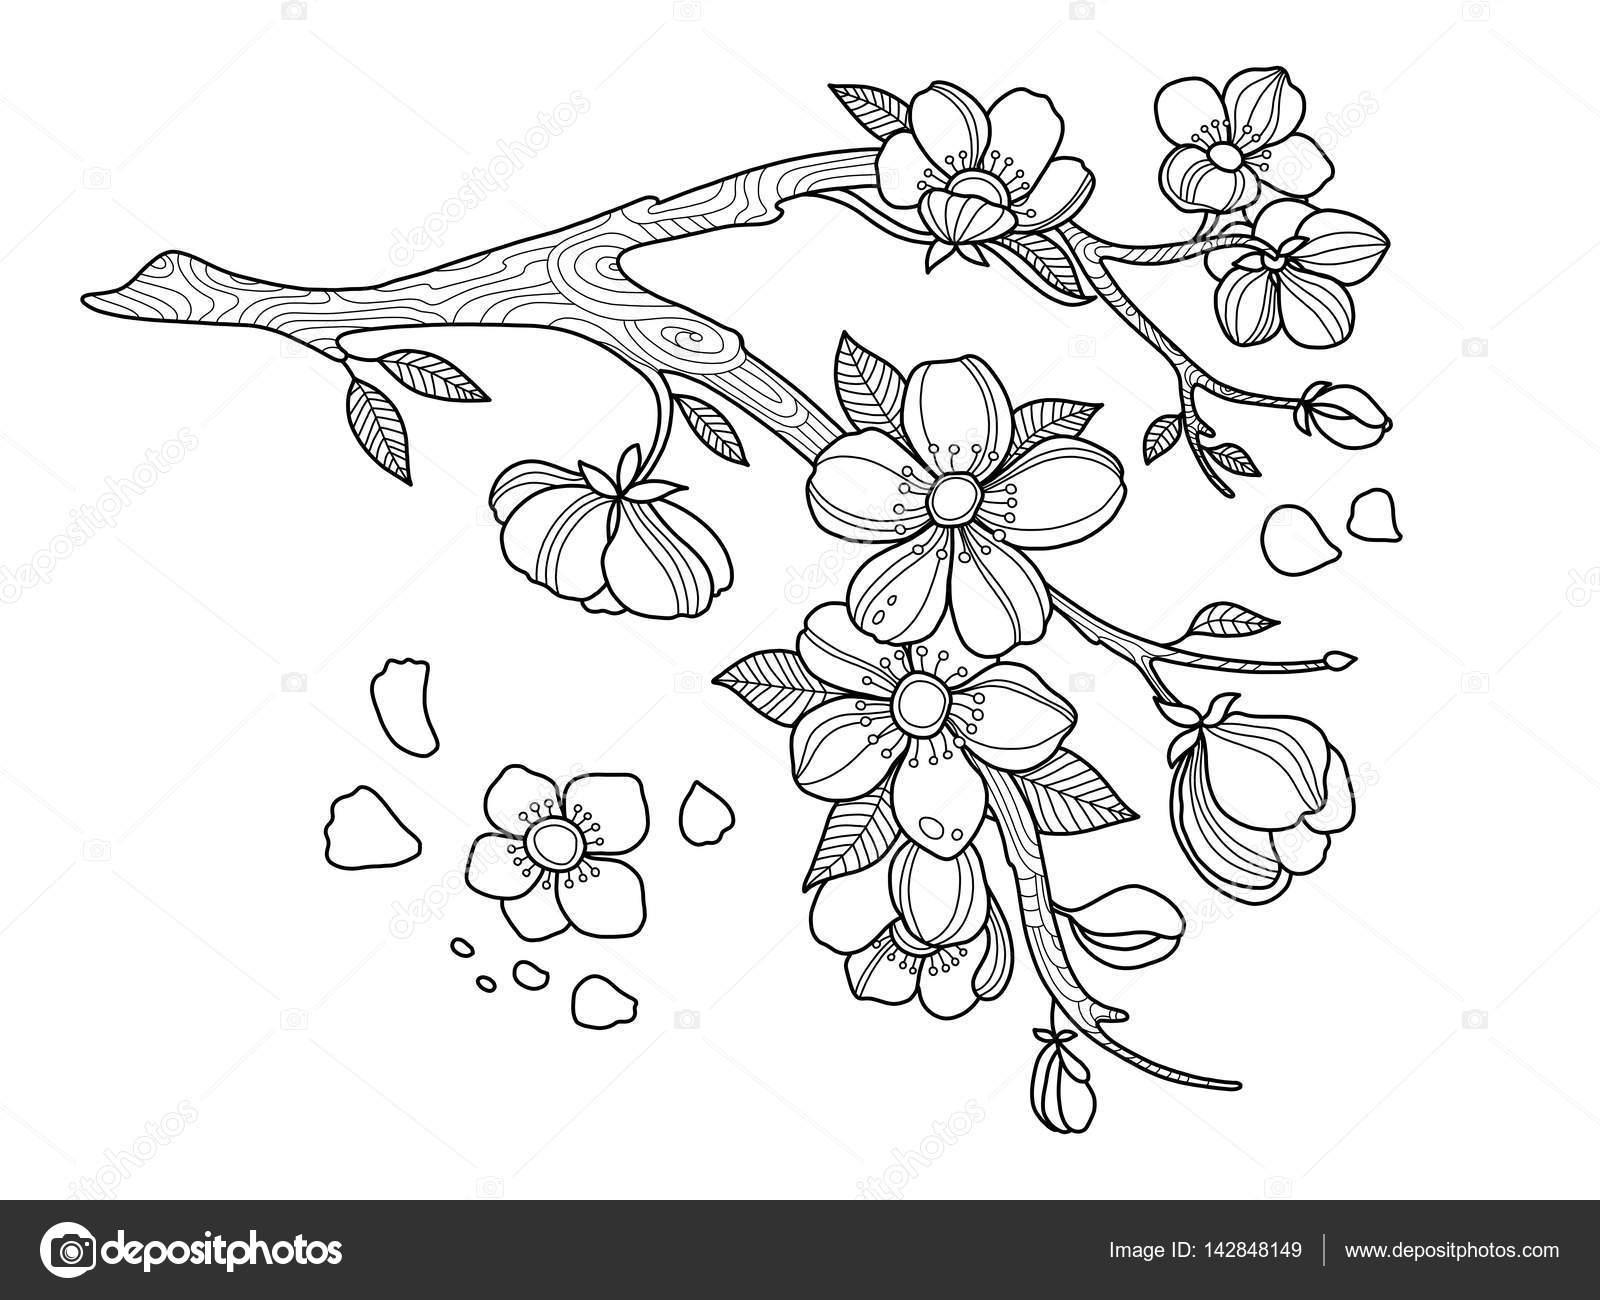 kersenbloesem kleurboek vector illustratie — stockvector